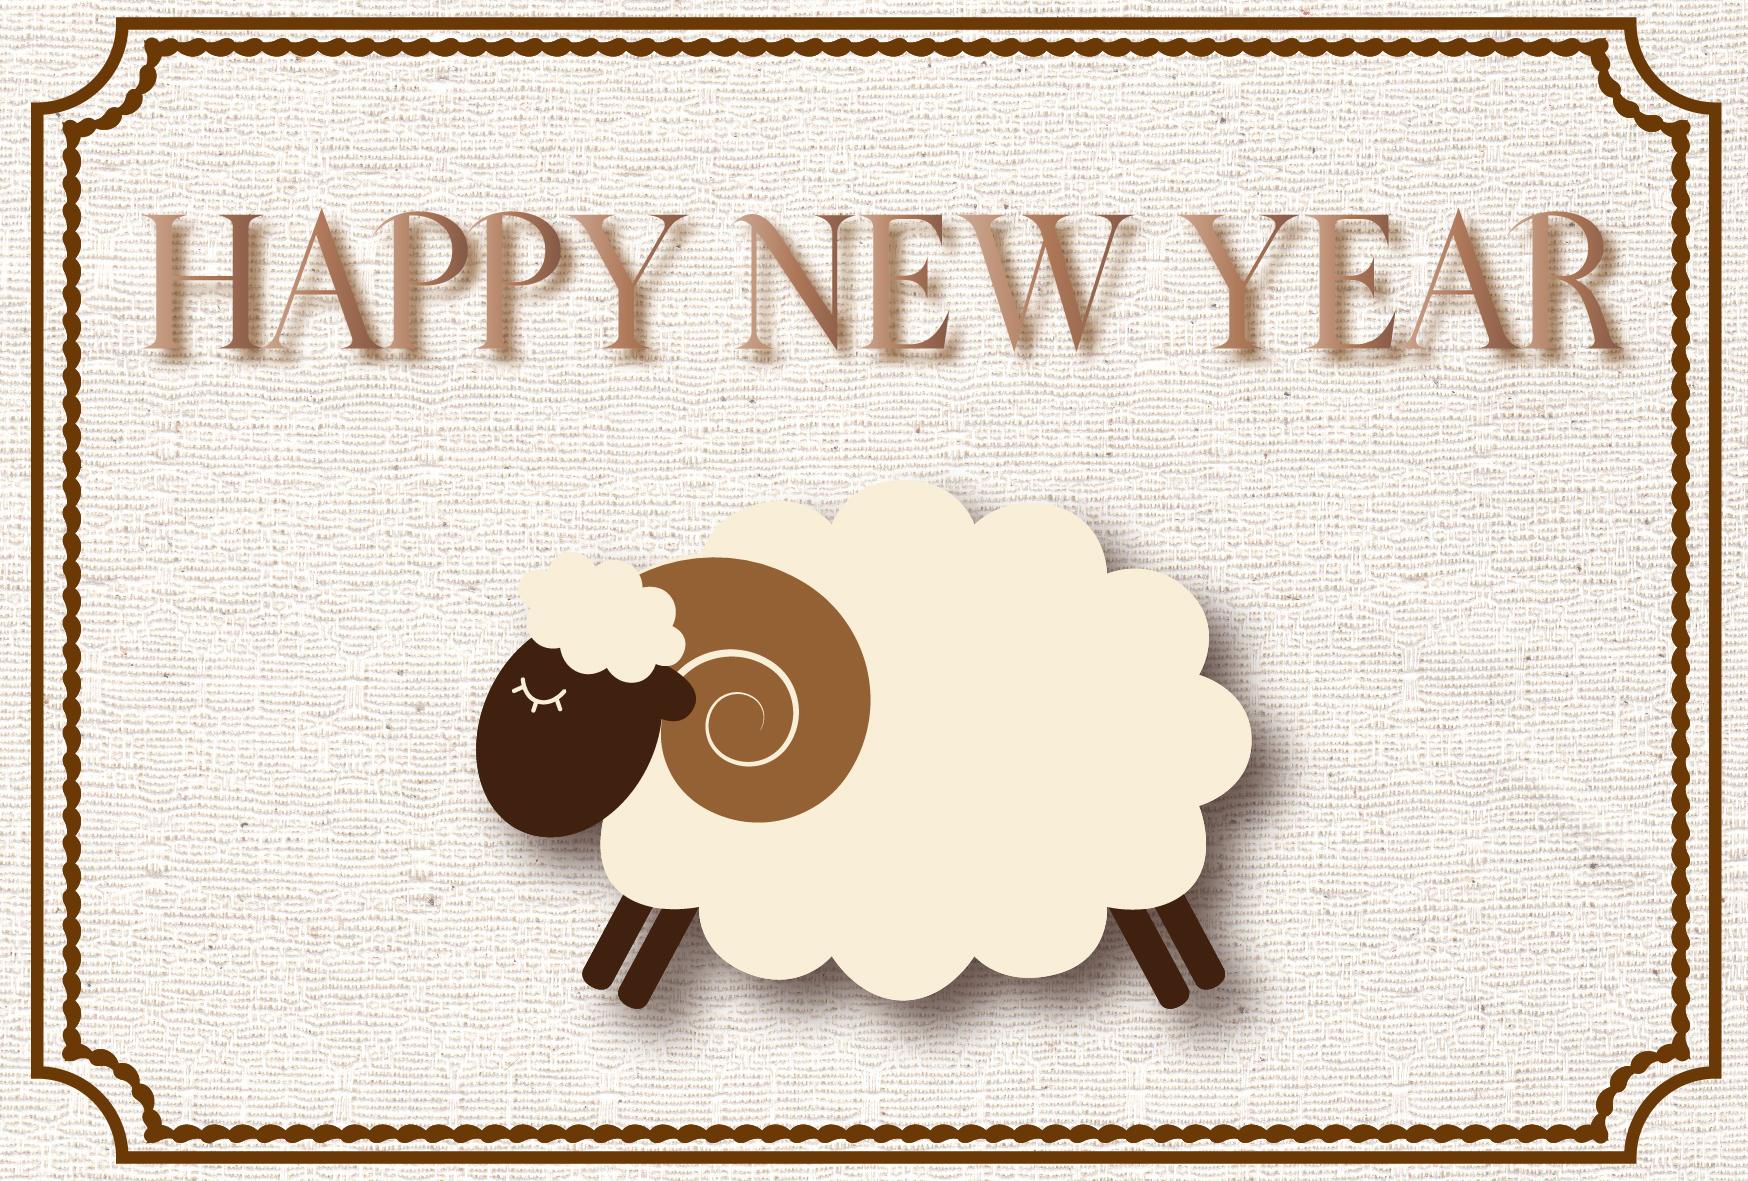 15年無料年賀状 シックで可愛いデザイン羊イラスト